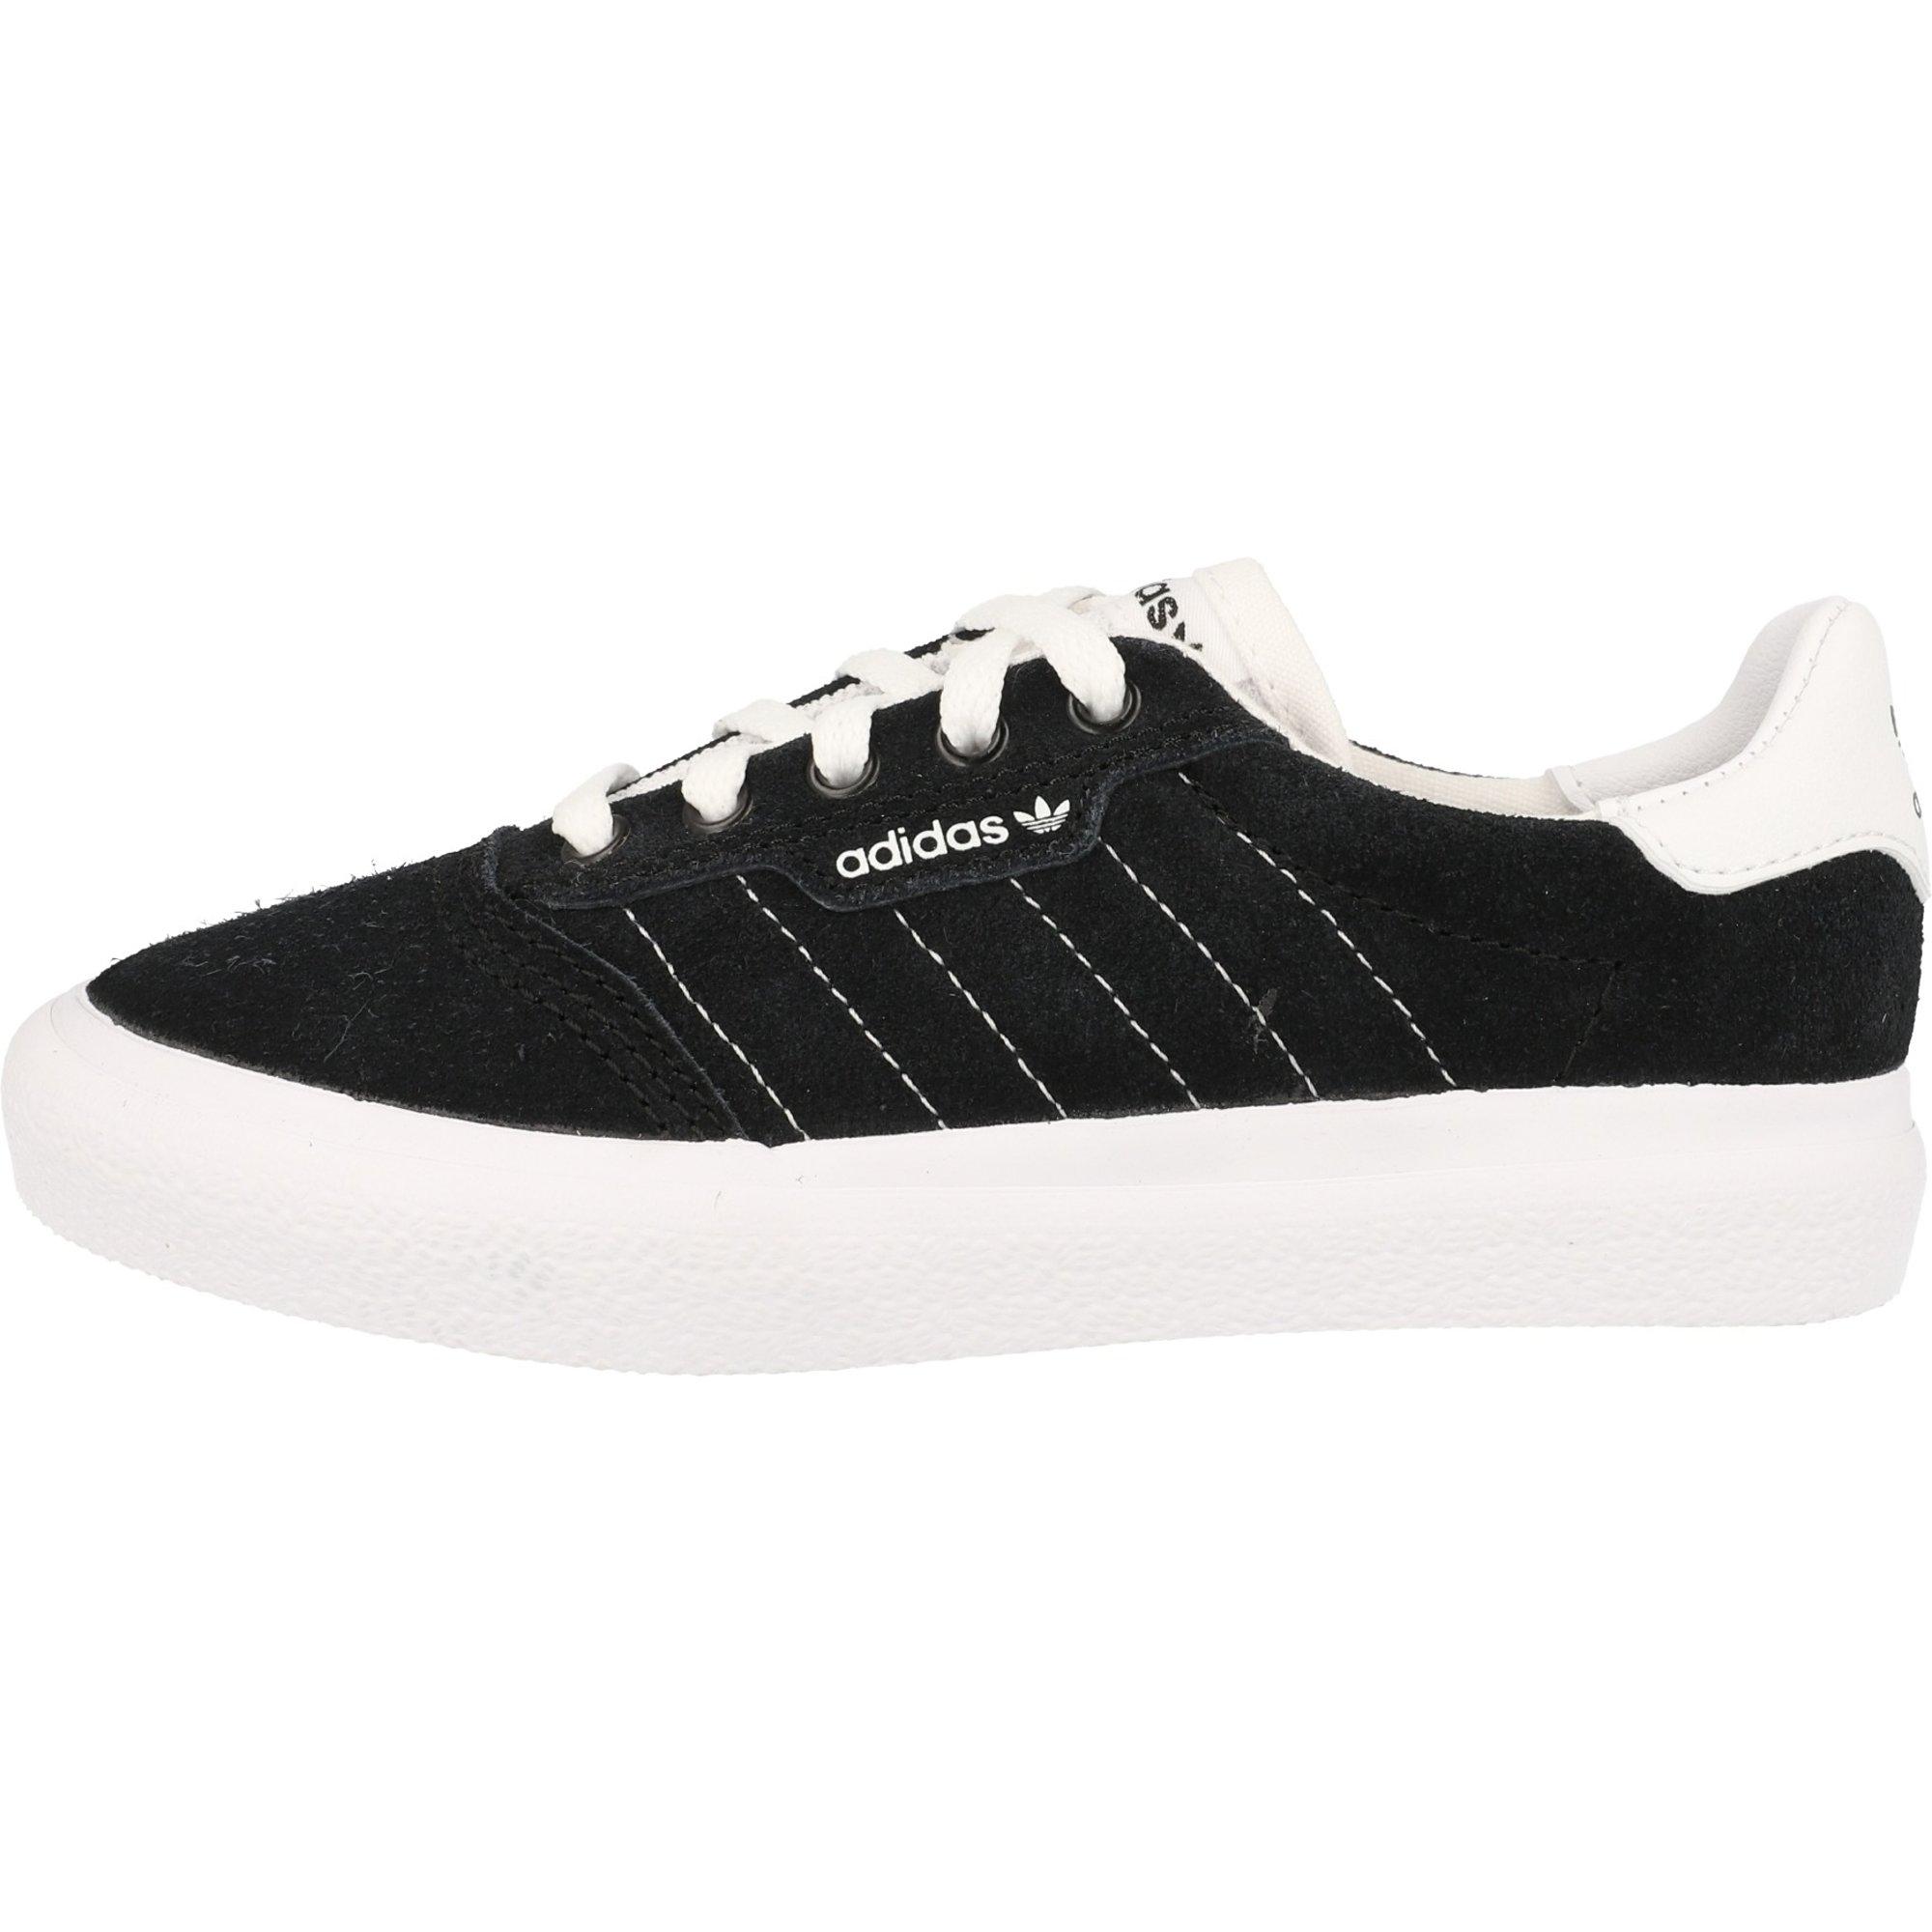 Zapatillas en negro y blanco 3MC de Adidas